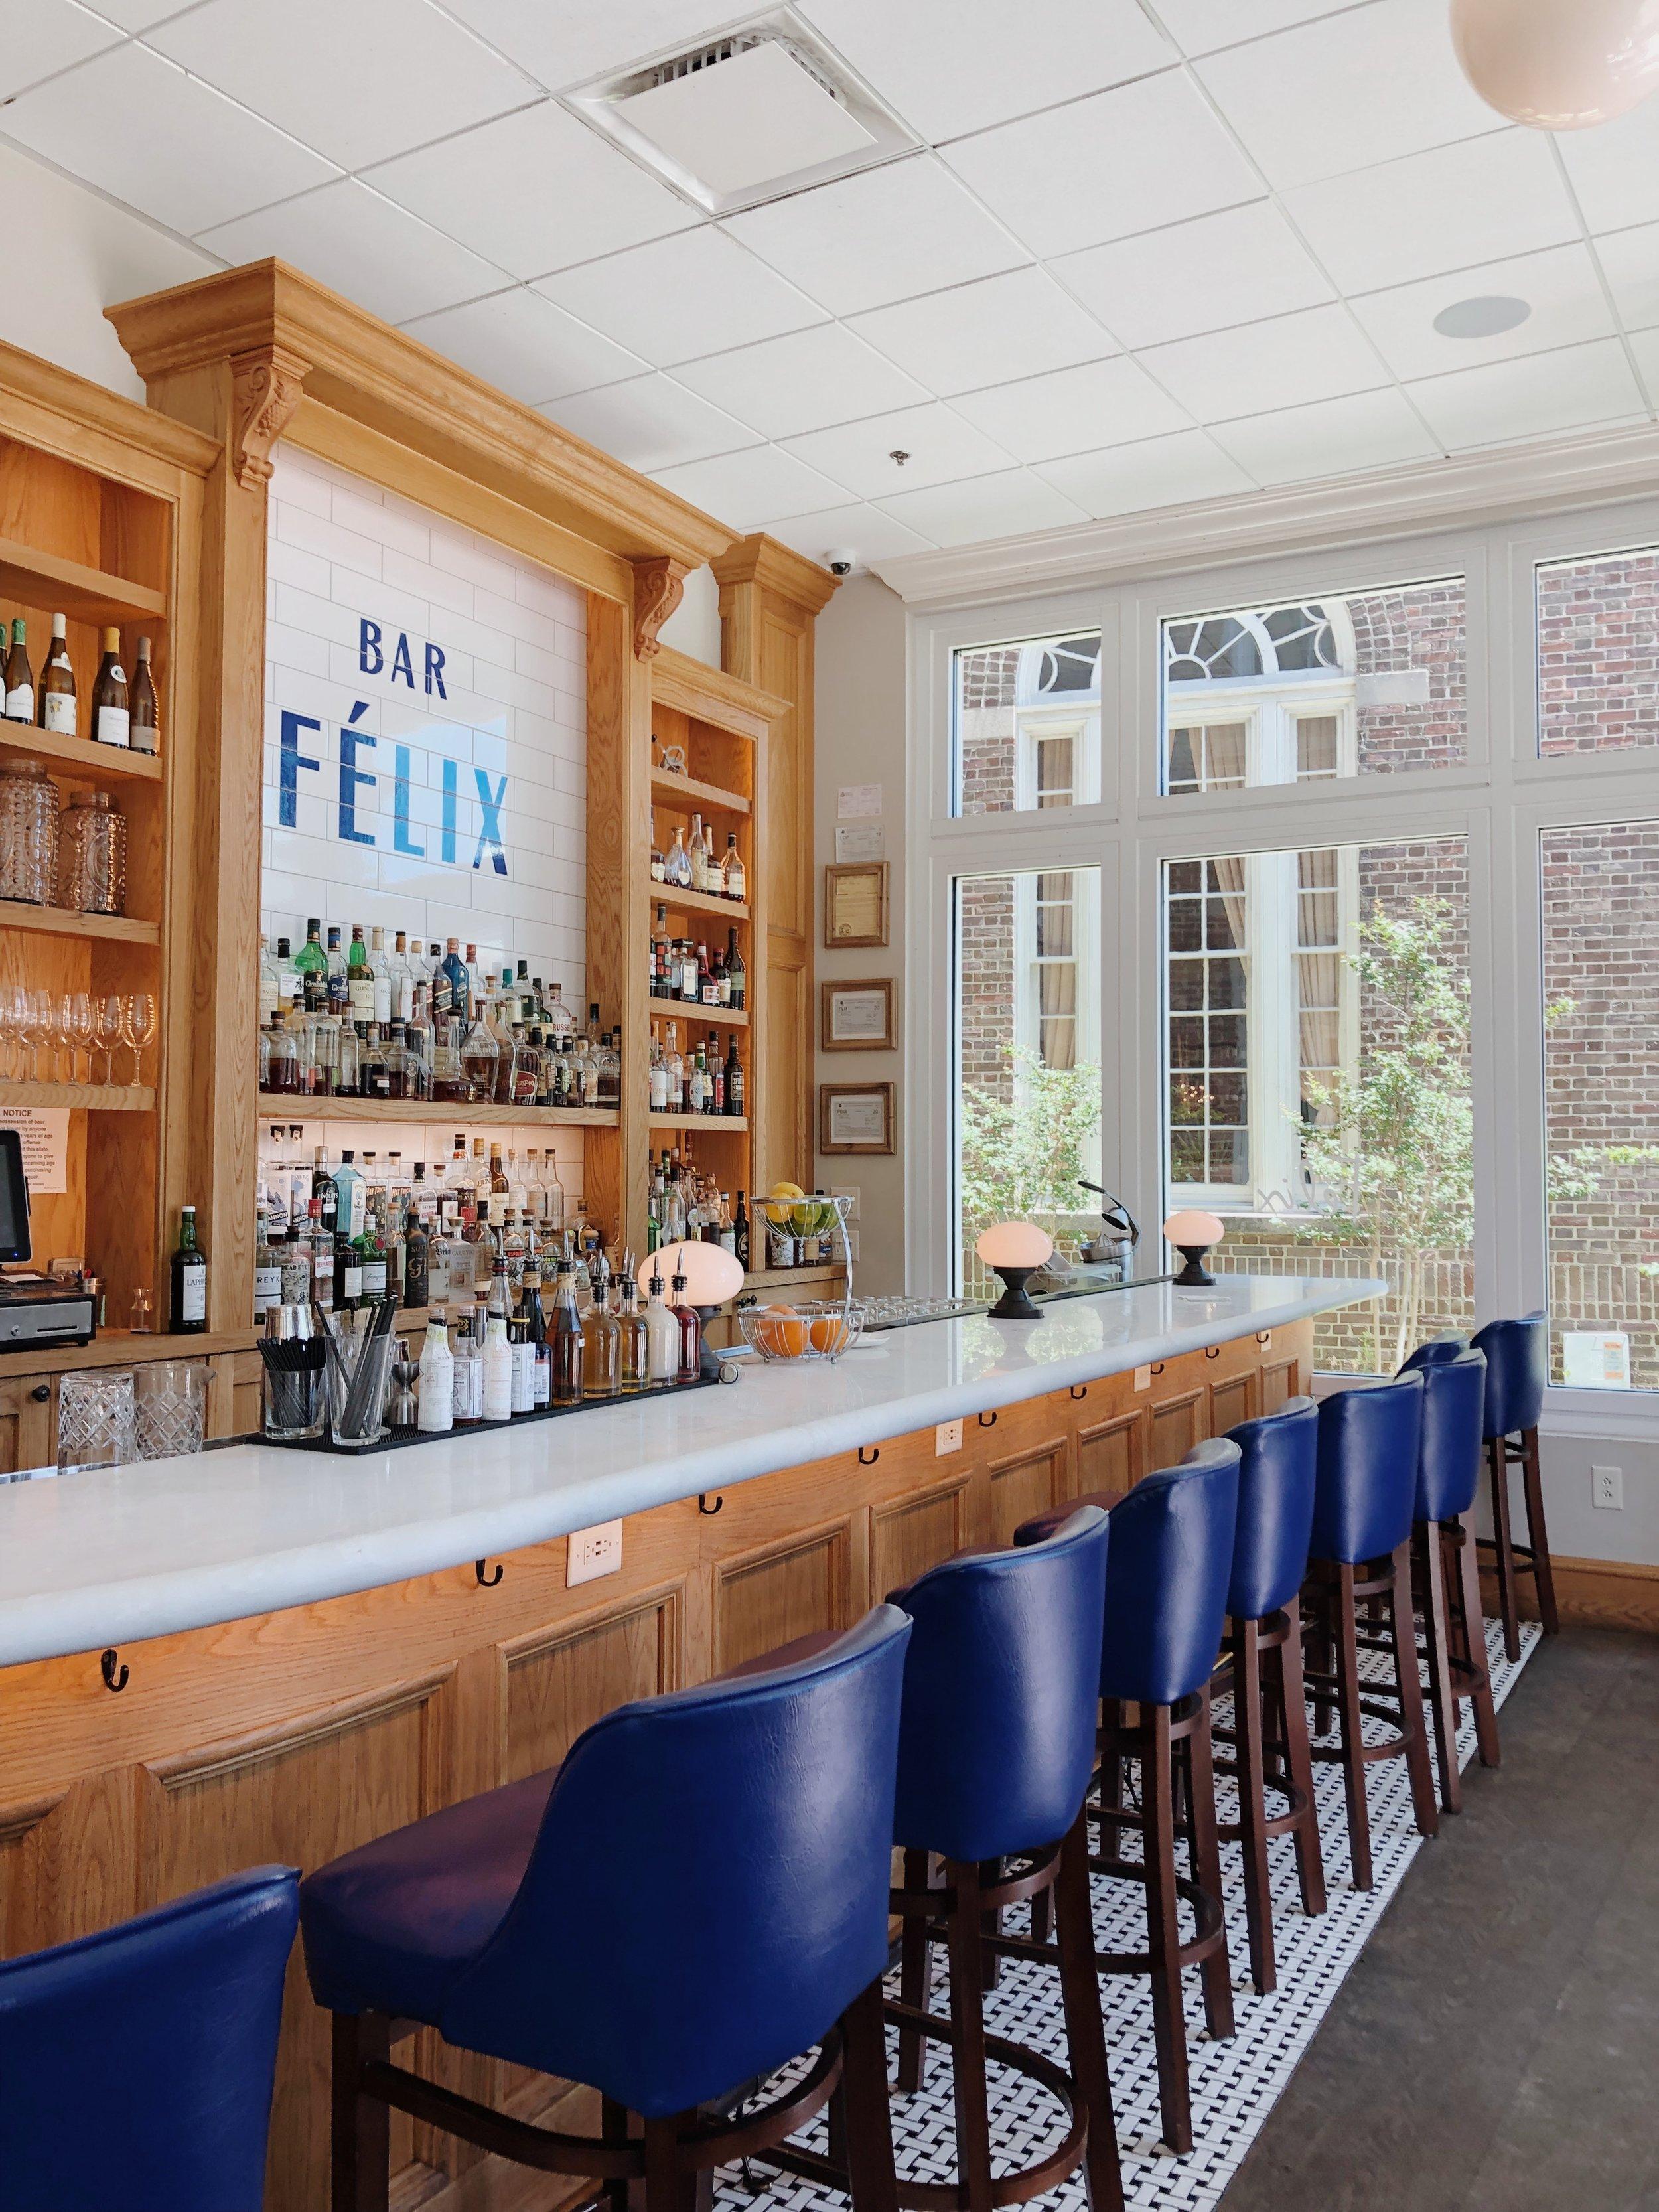 The bar @ Felix